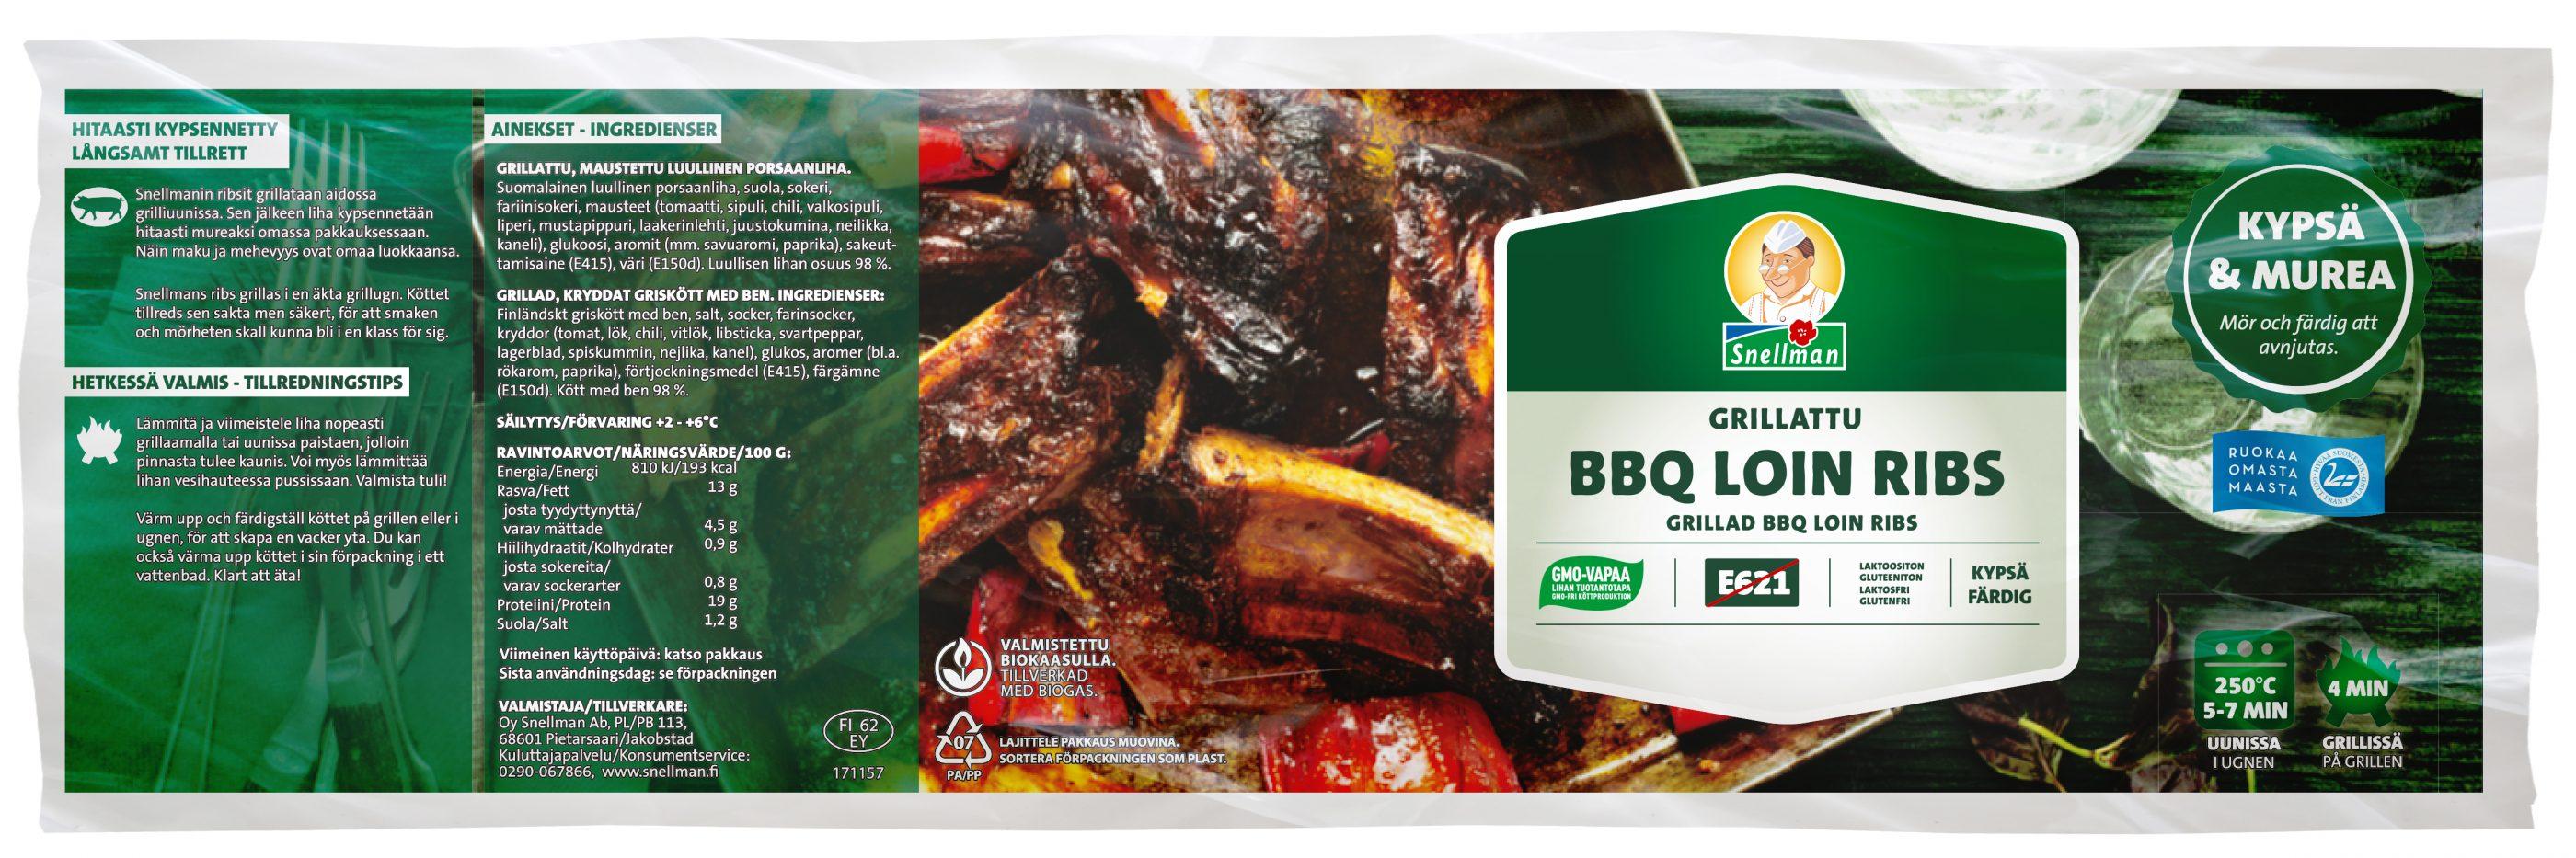 Grillattu BBQ Loin Ribs